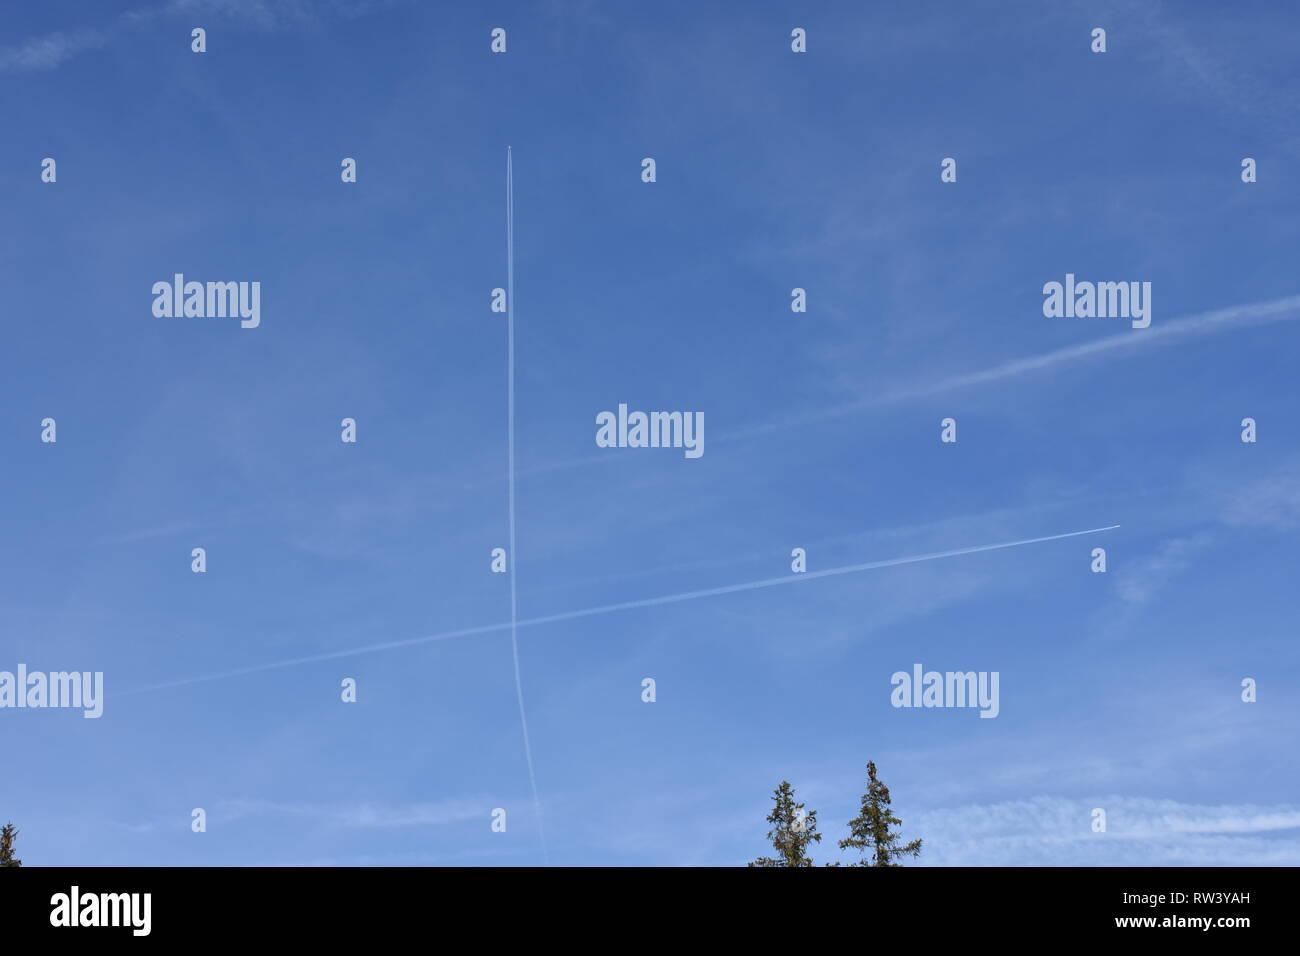 Himmel, Flugzeug, Flugzeuge, Verkehr, fliegen, Kondensstreifen, X, Kreuzung, kreuzen, Buchstabe, Himmel, Wolke, Wolken, Flugverkehr, - Stock Image